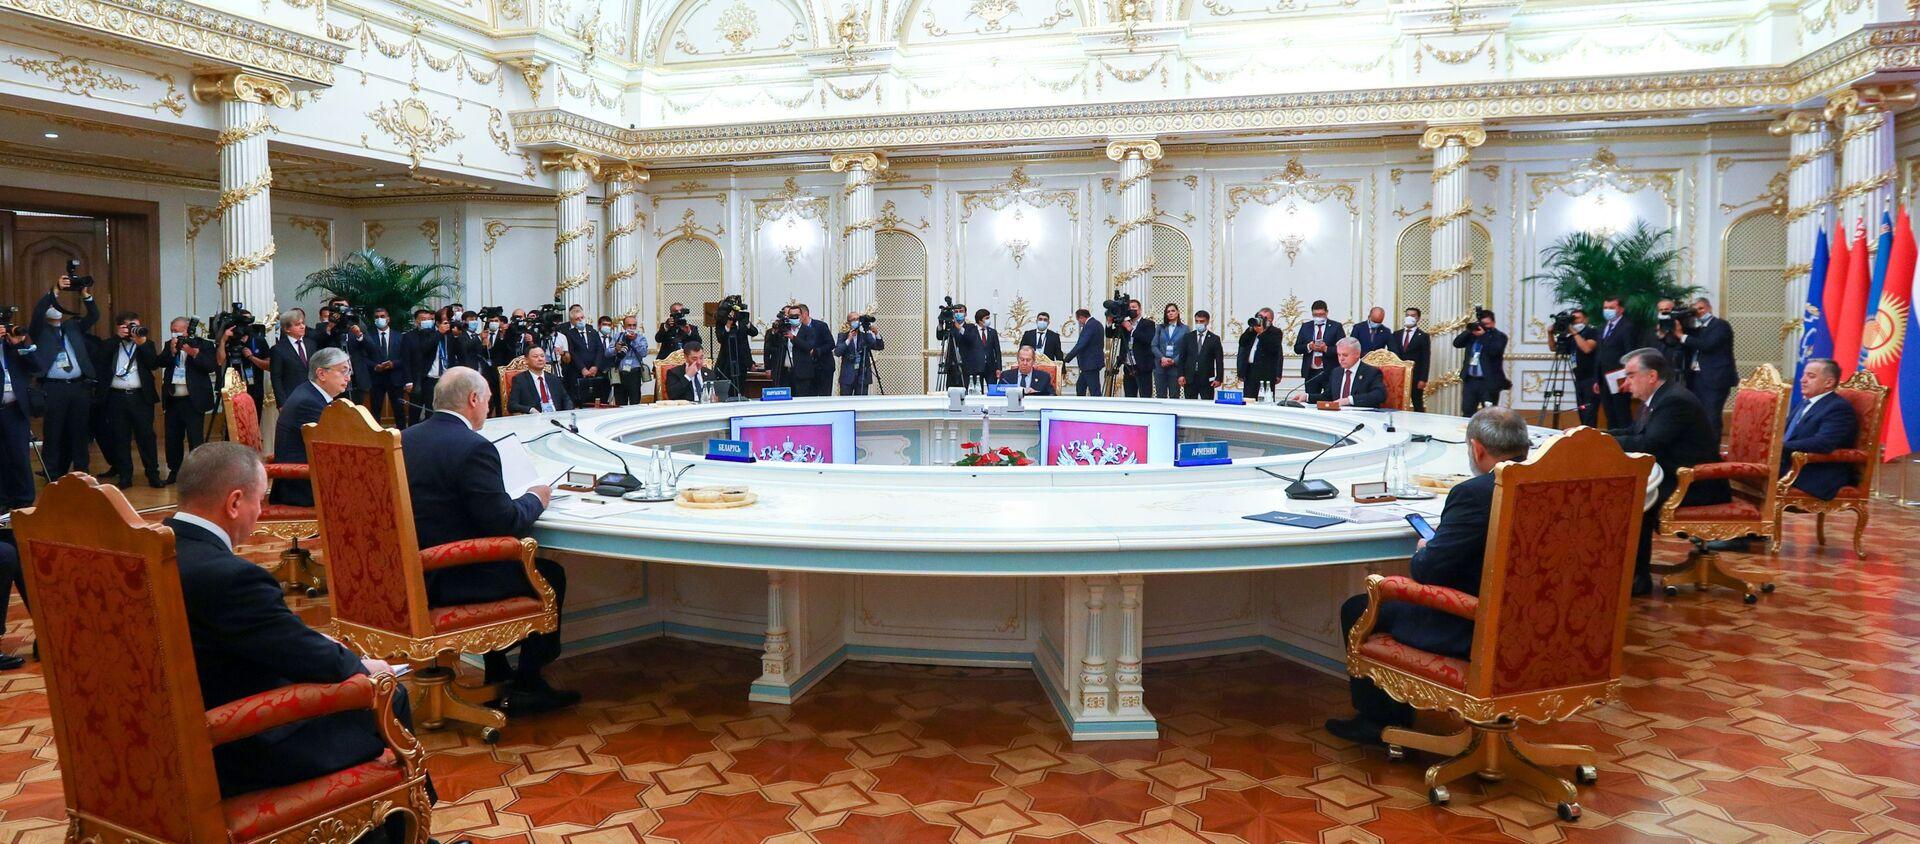 Заседание Совета коллективной безопасности ОДКБ - Sputnik Южная Осетия, 1920, 17.09.2021